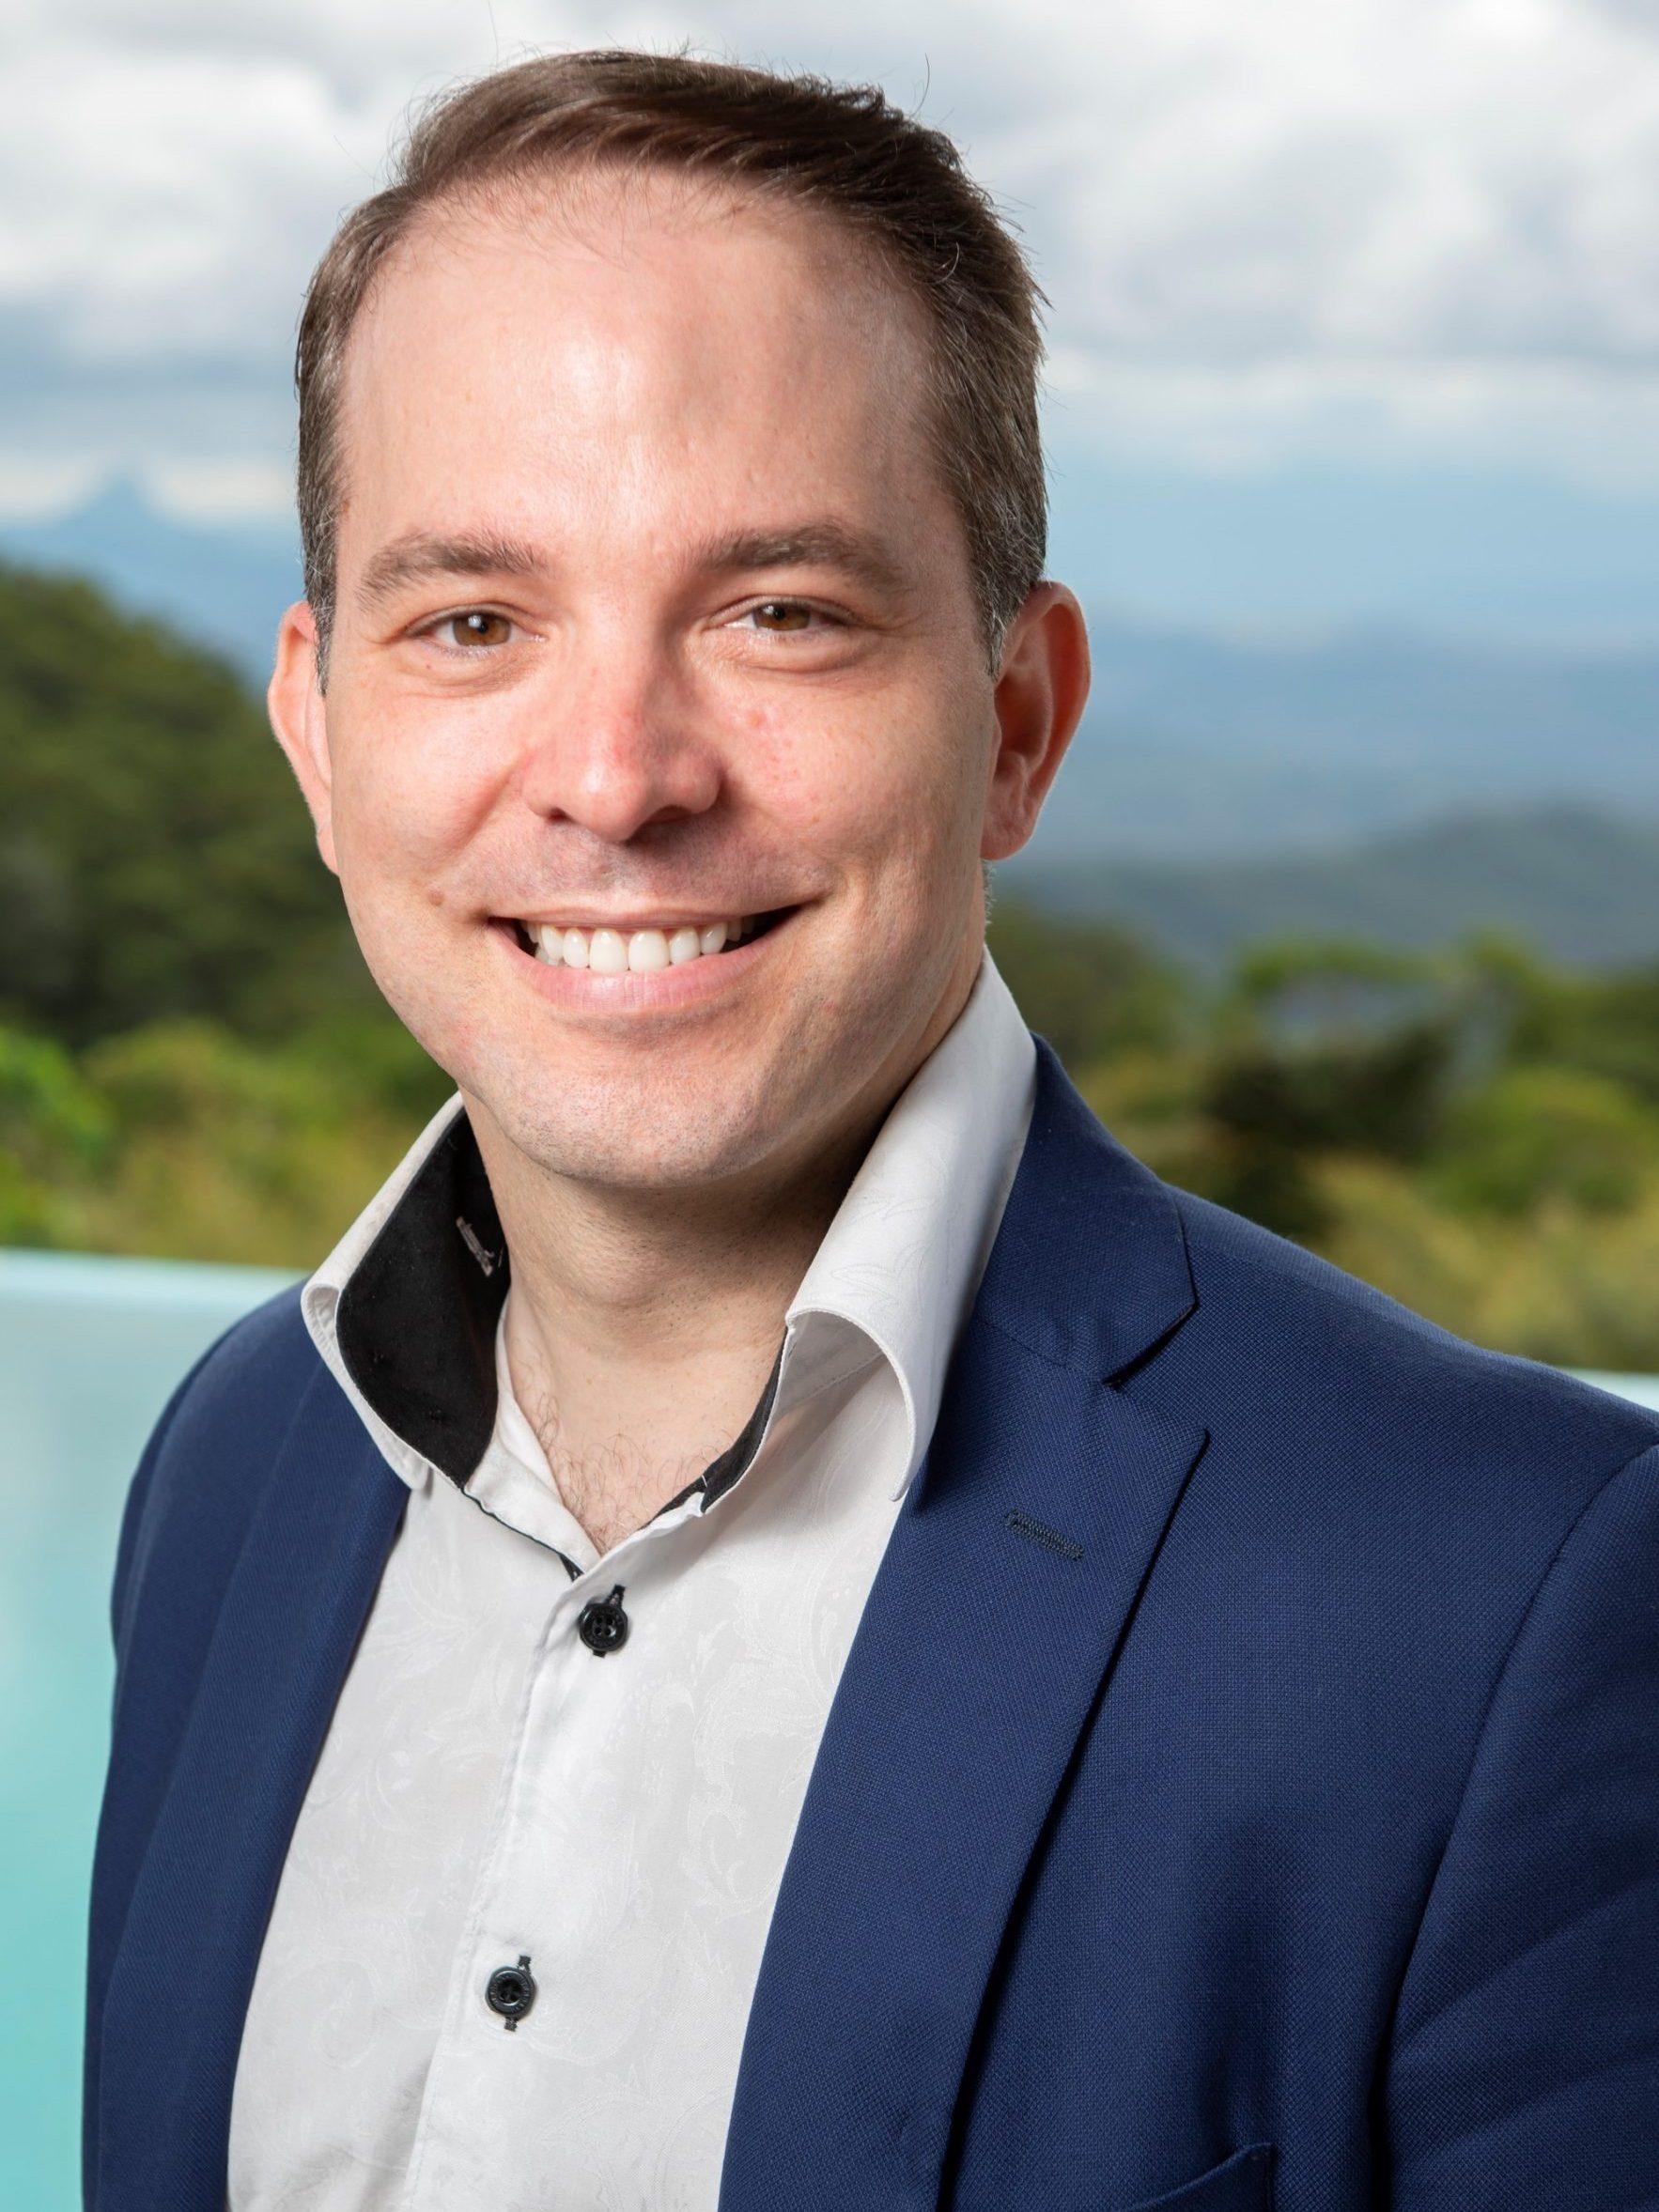 Karl Schwantes